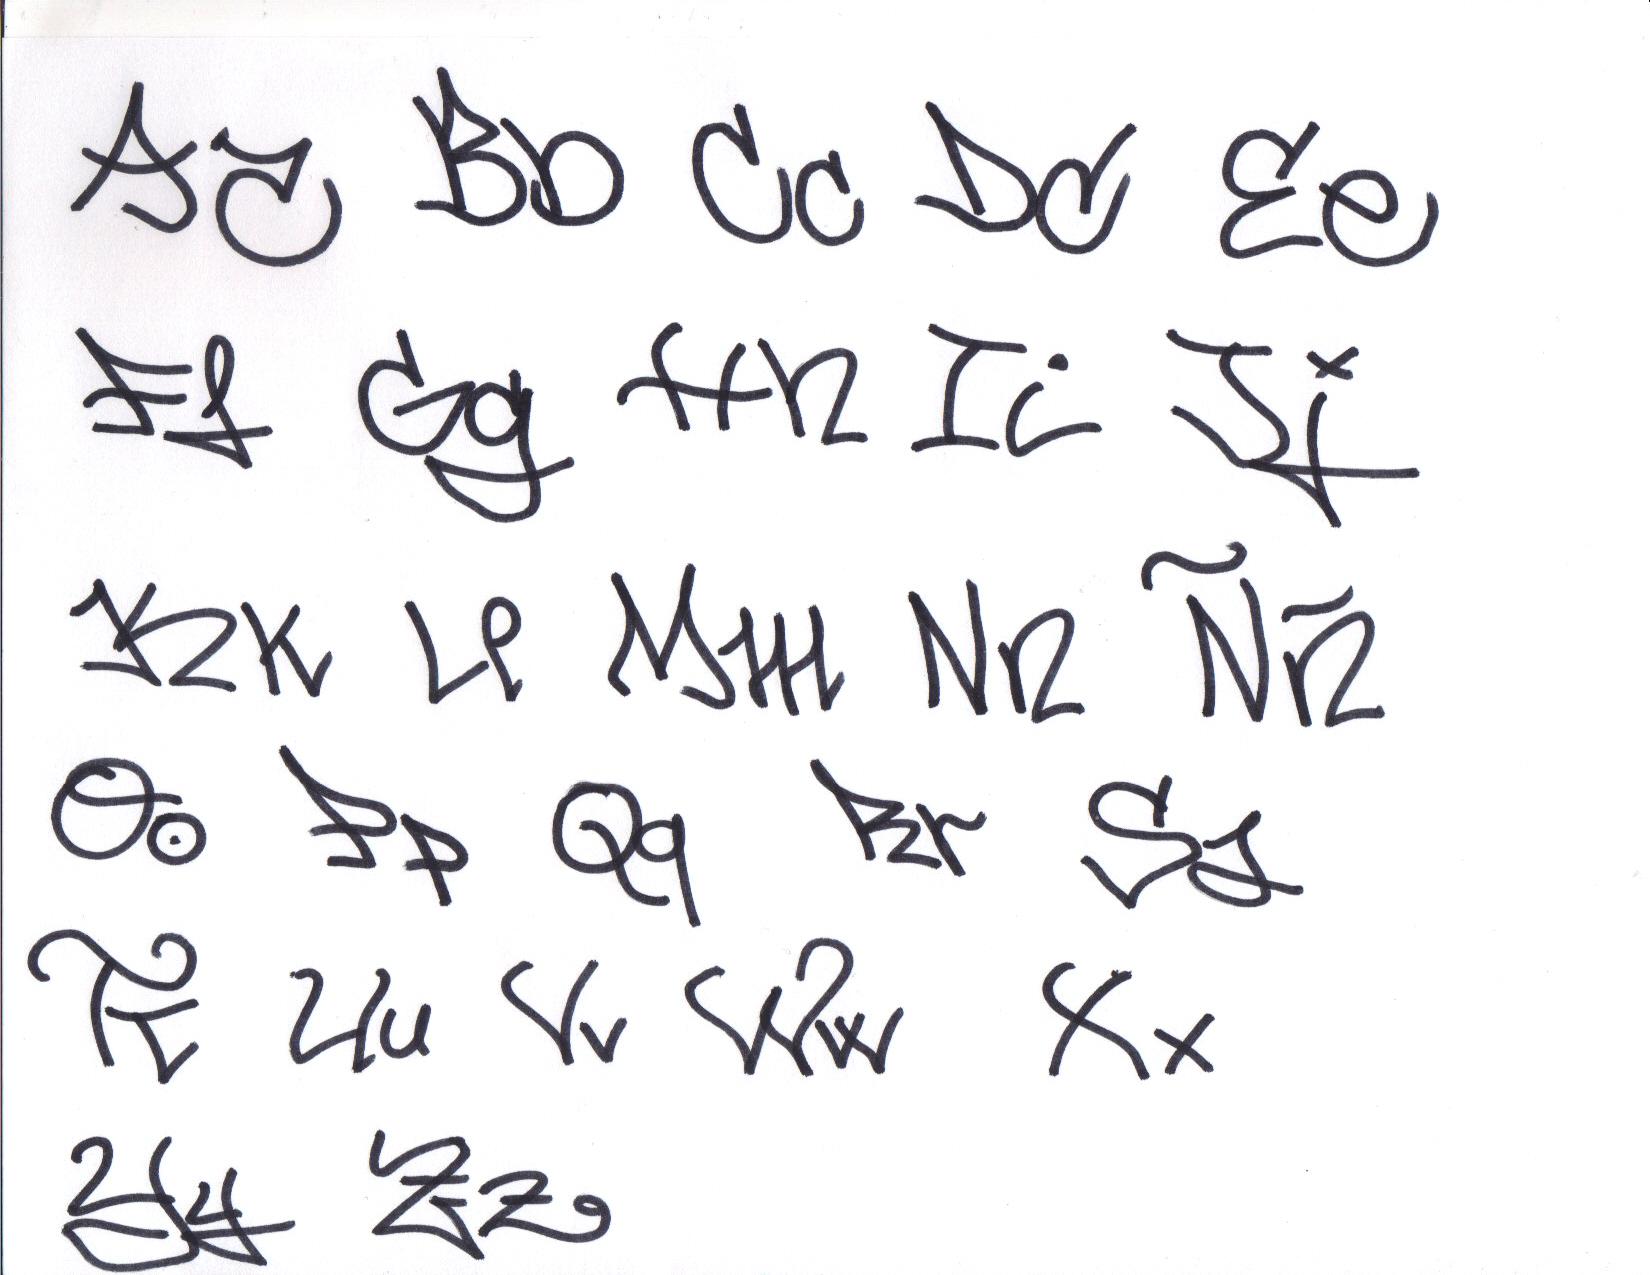 Ahora unos abecedarios en letras de graffiti